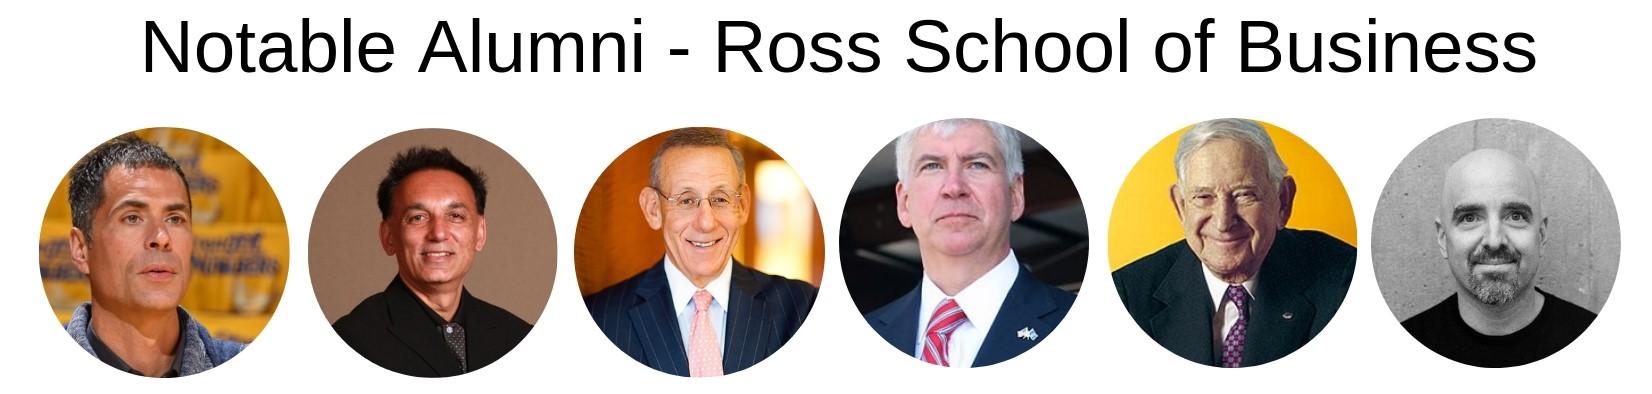 Ross School of Business - Notable Alumni